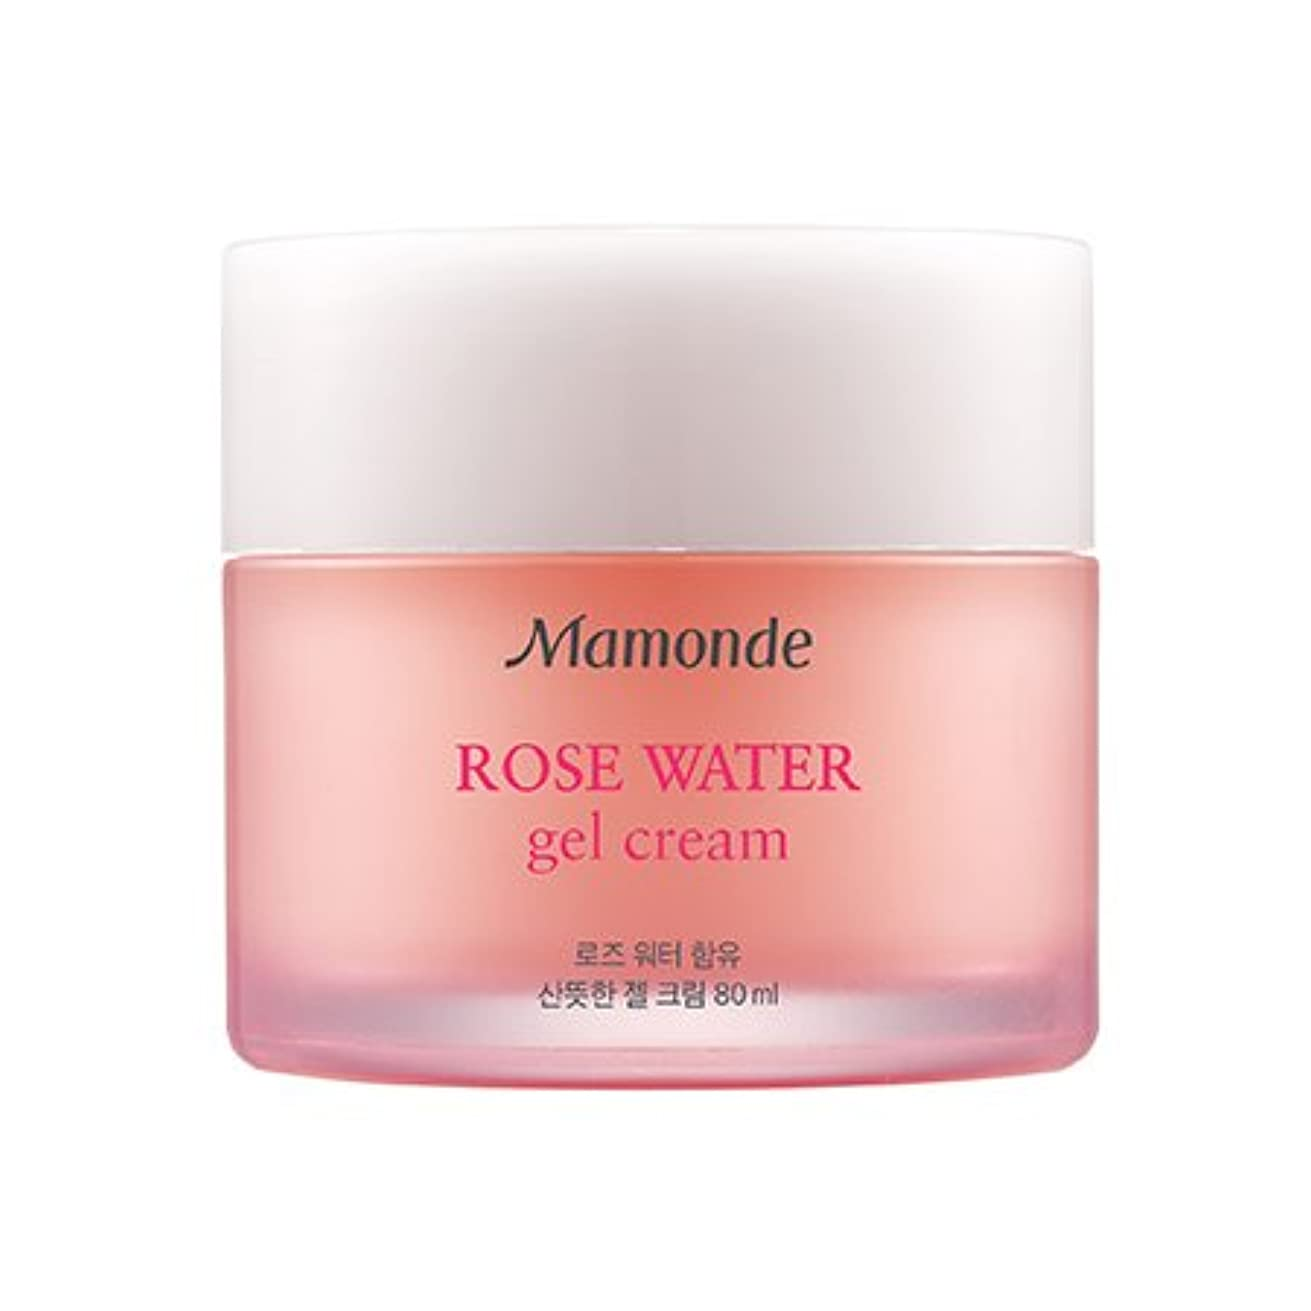 エキス薬用時系列Mamonde Rose Water Gel Cream 80ml/マモンド ローズ ウォーター ジェル クリーム 80ml [並行輸入品]